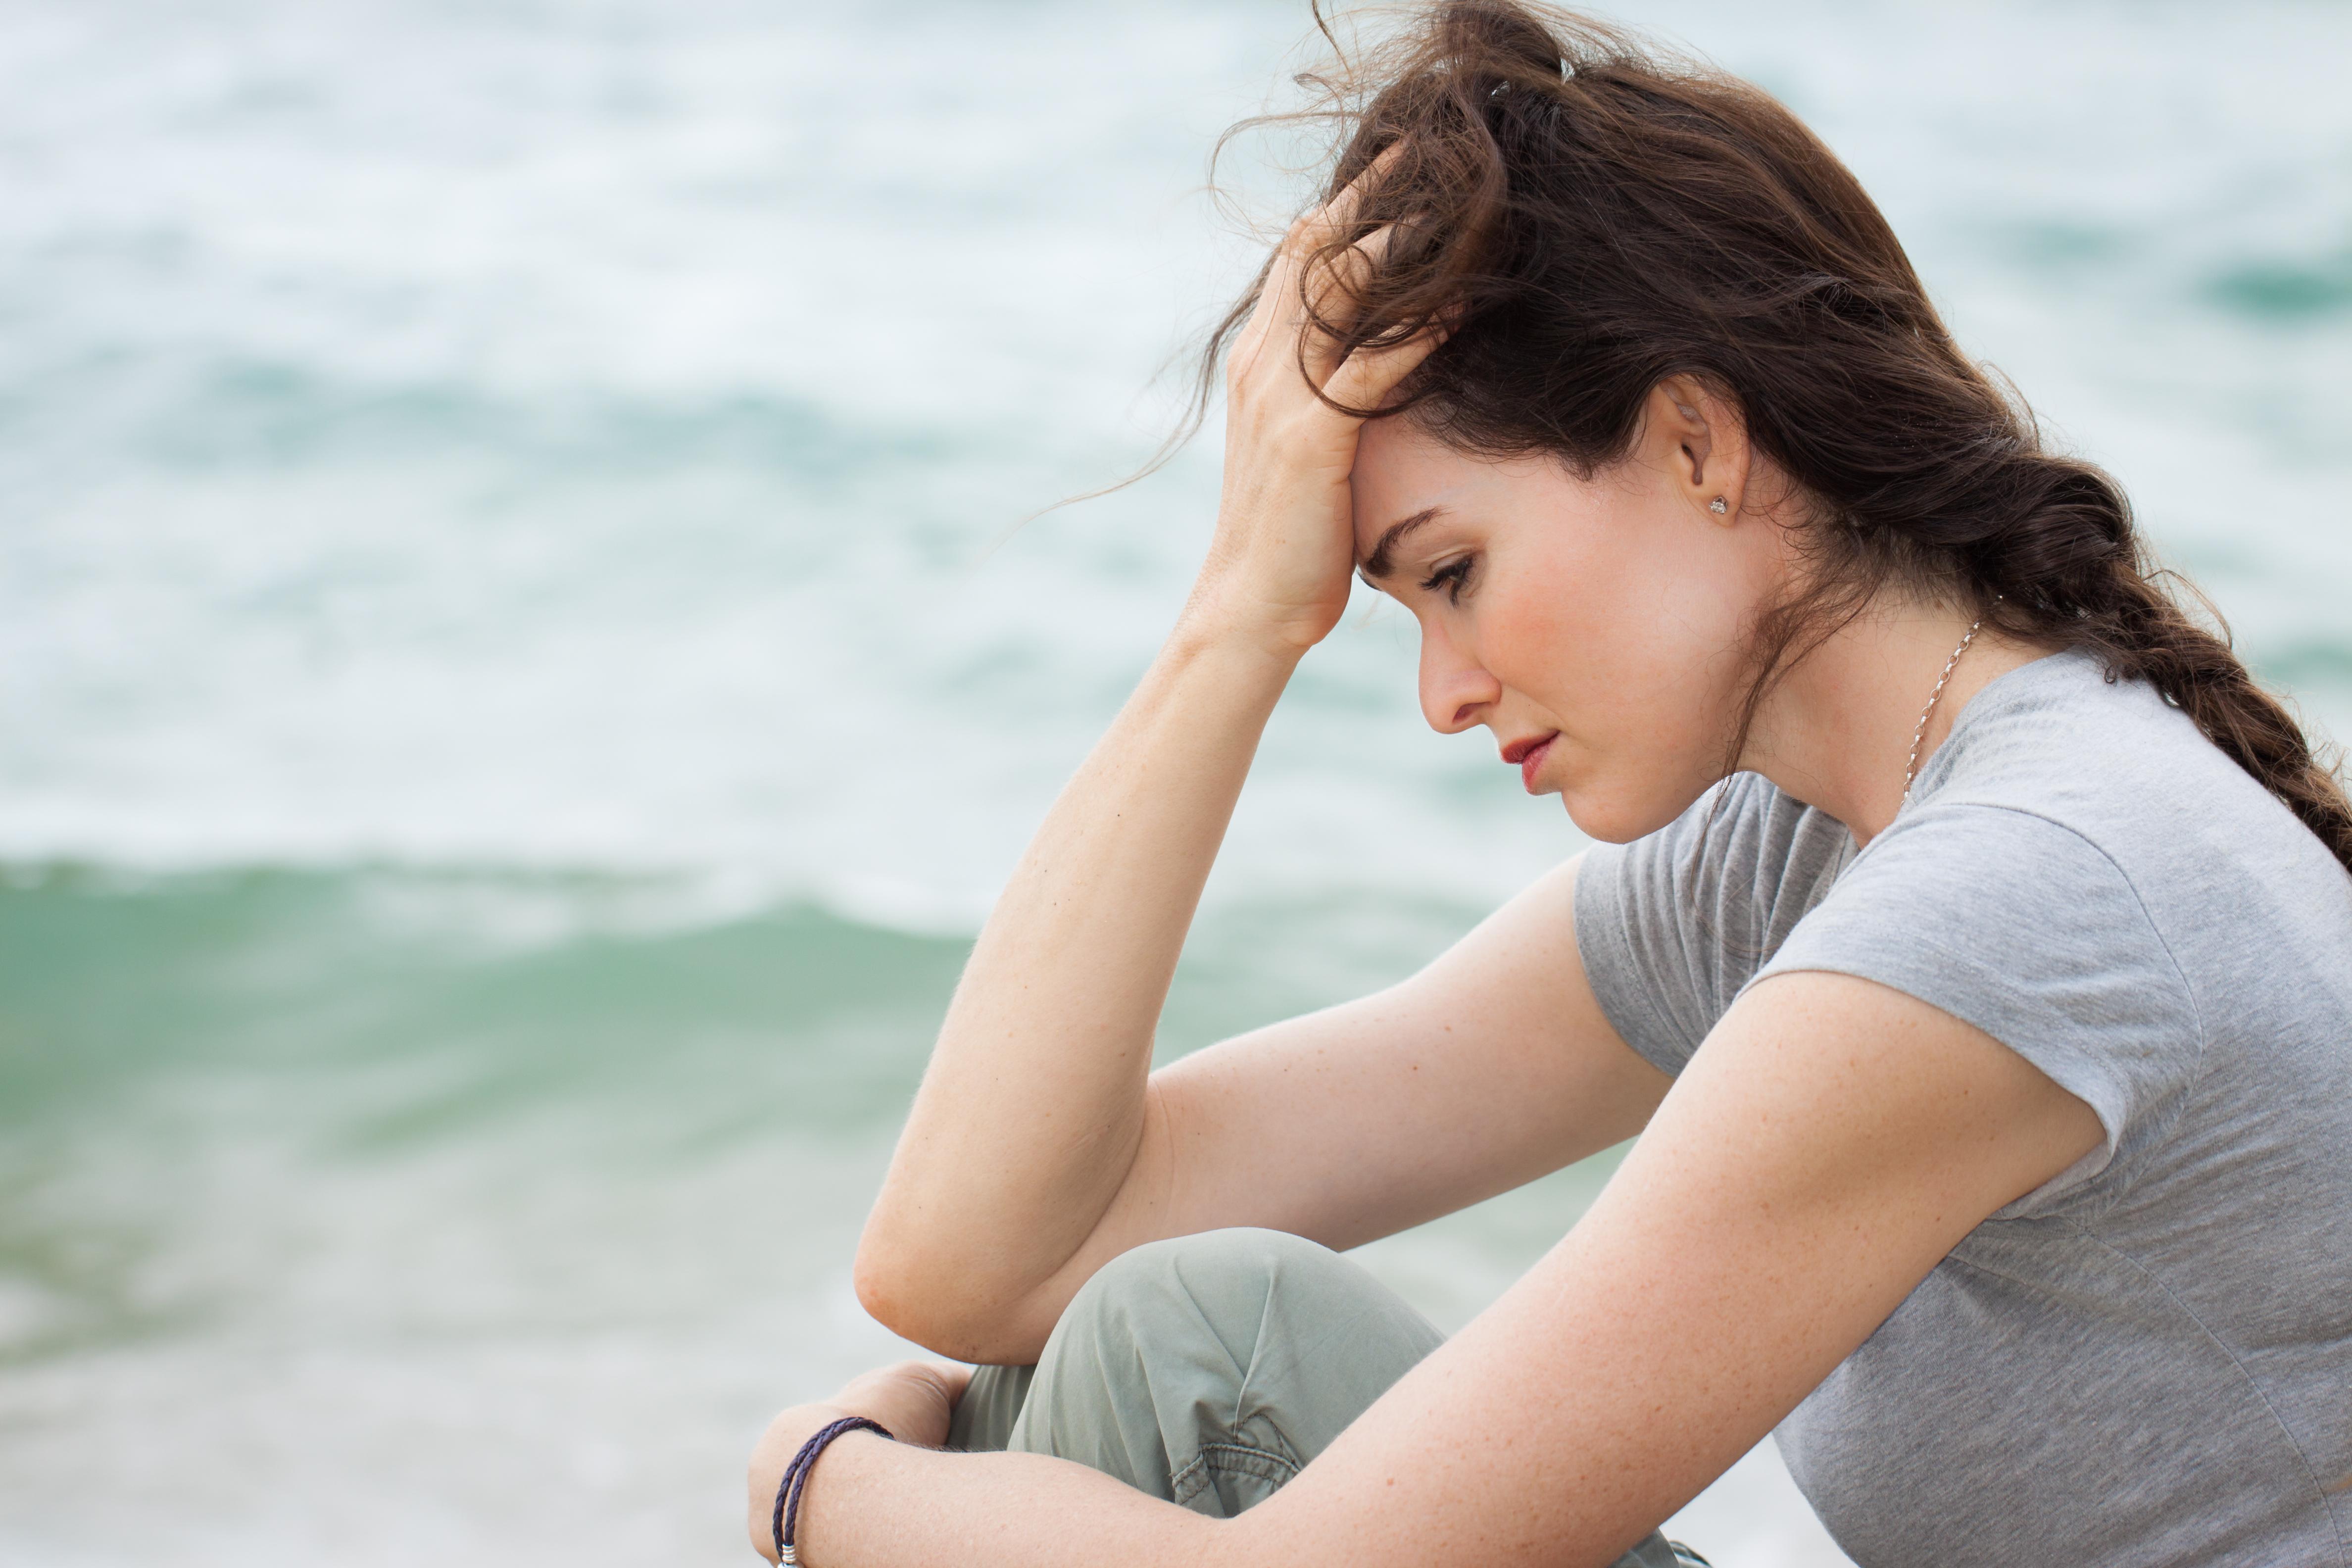 Här kan du testa om du är deprimerad med hjälp av MADRS-självskattningstest - ett seriöst test som är väl validerat.